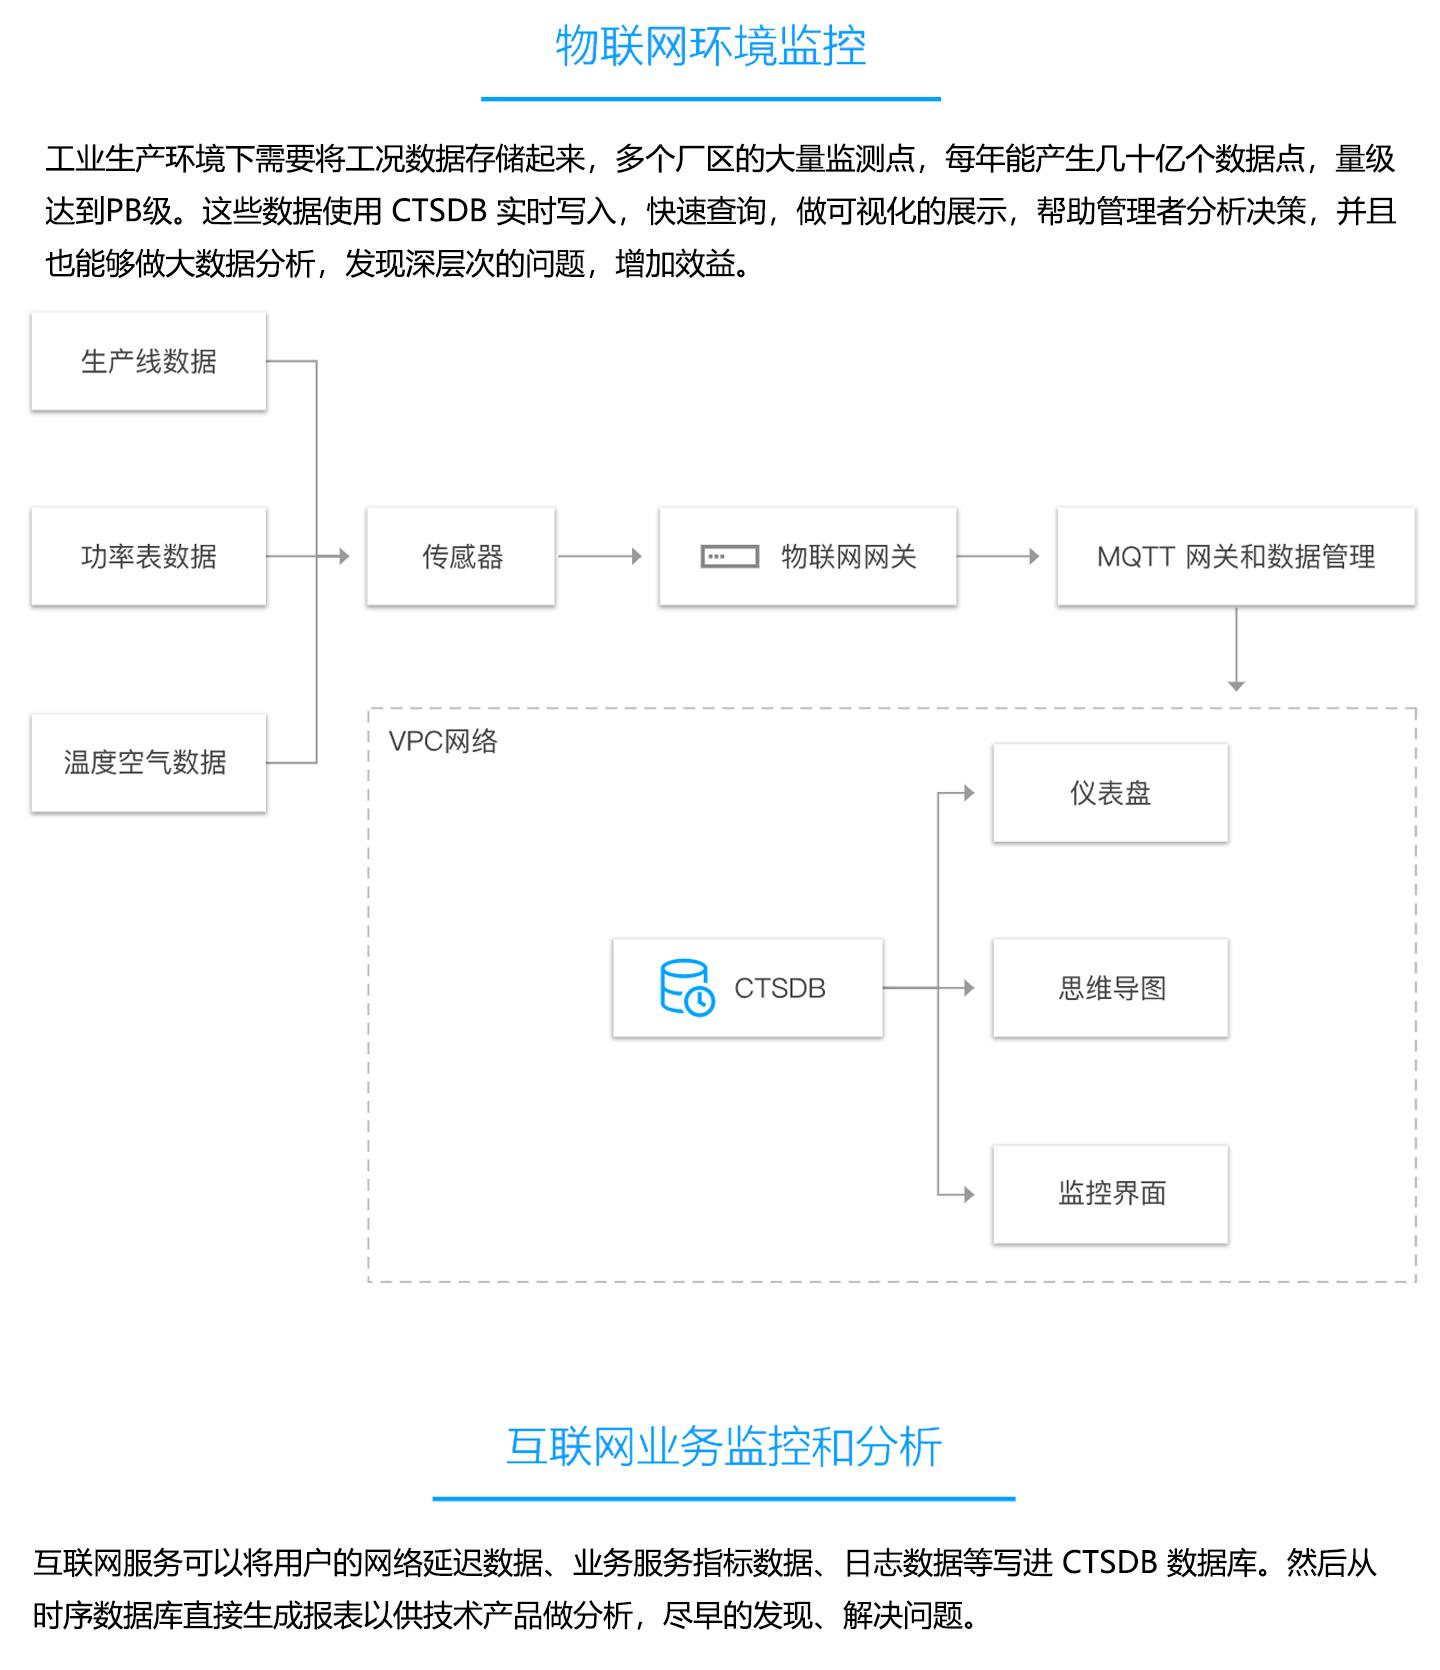 云数据库-TencentDB-for-CTSDB-1440_03.jpg